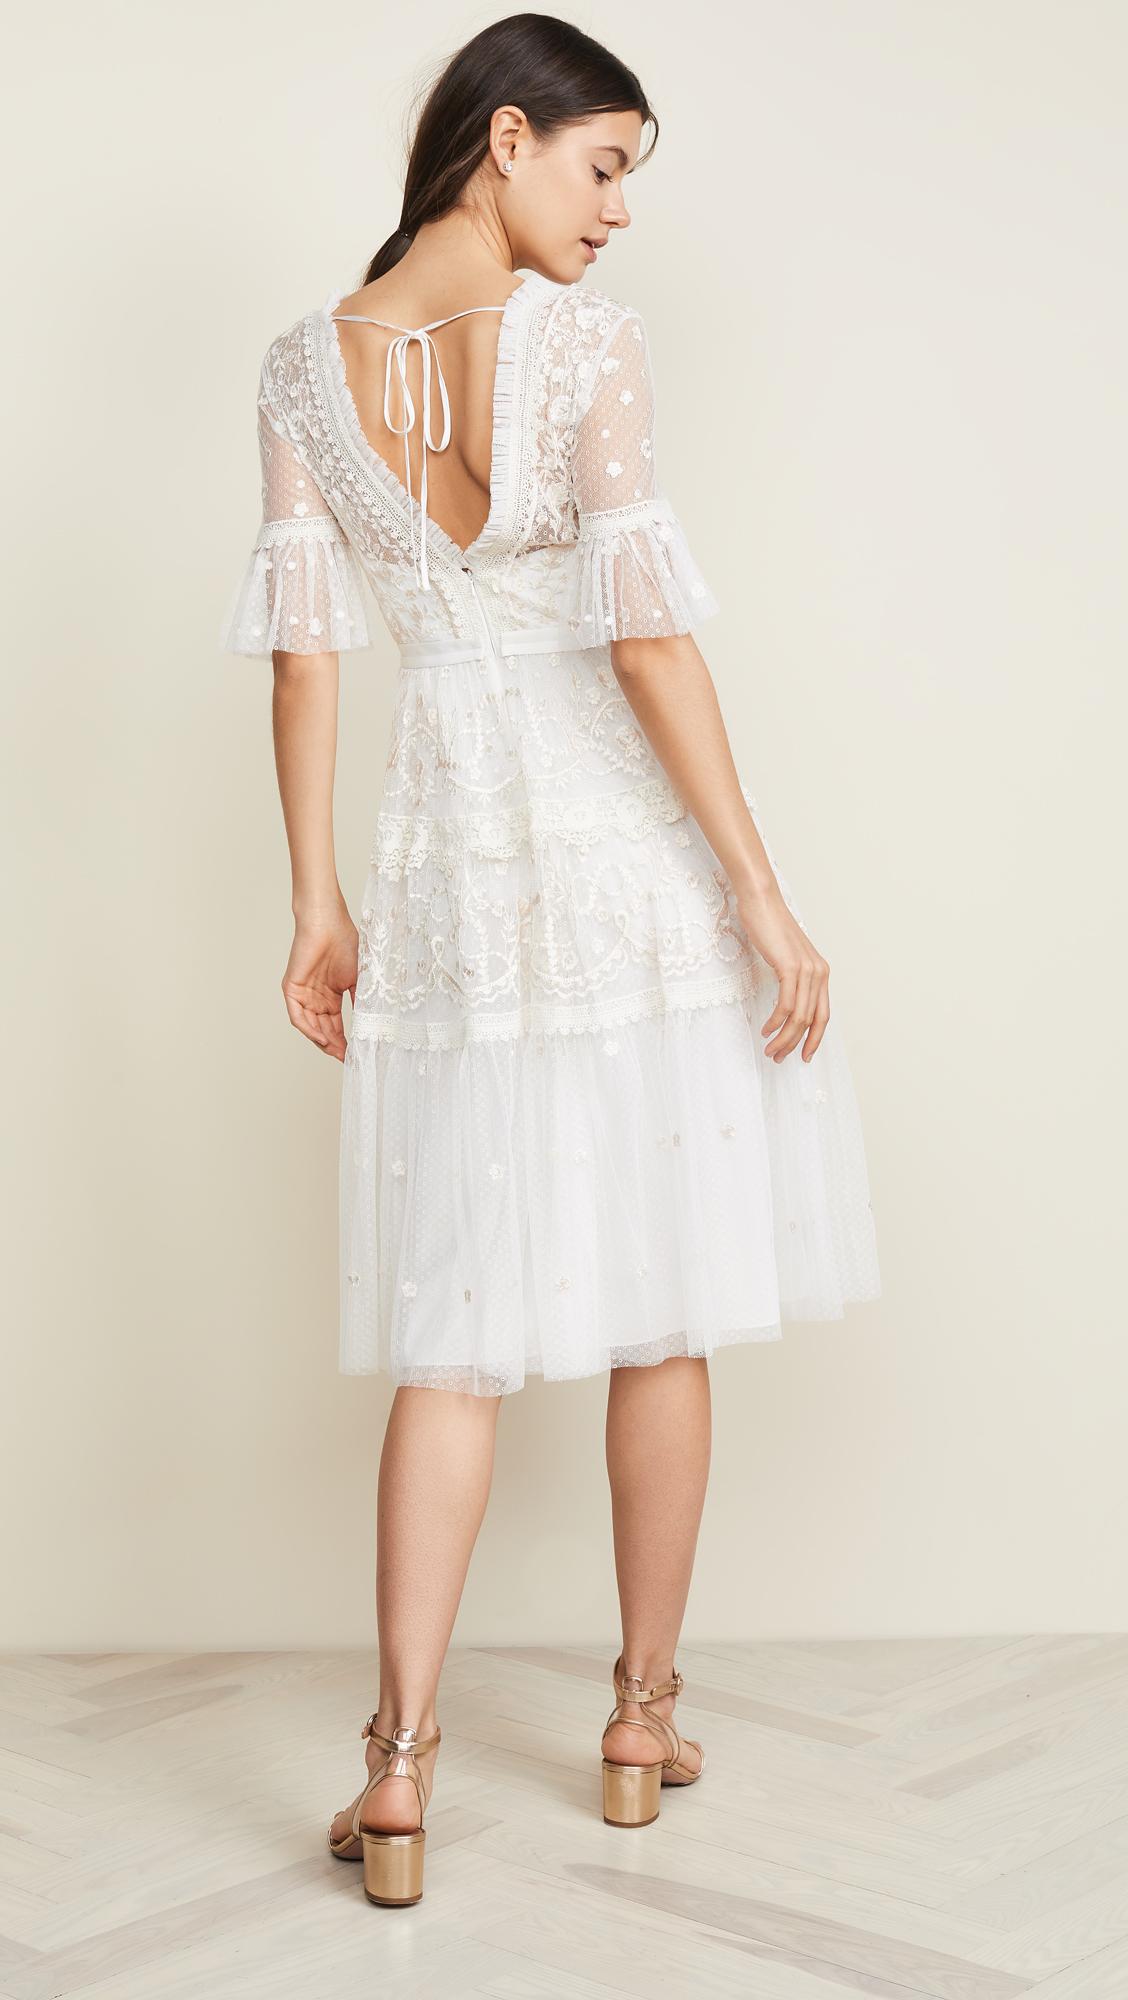 Lace Thread Needleamp; Midsummer DressShopbop Thread Midsummer DressShopbop Needleamp; Lace Needleamp; odeBWrCx